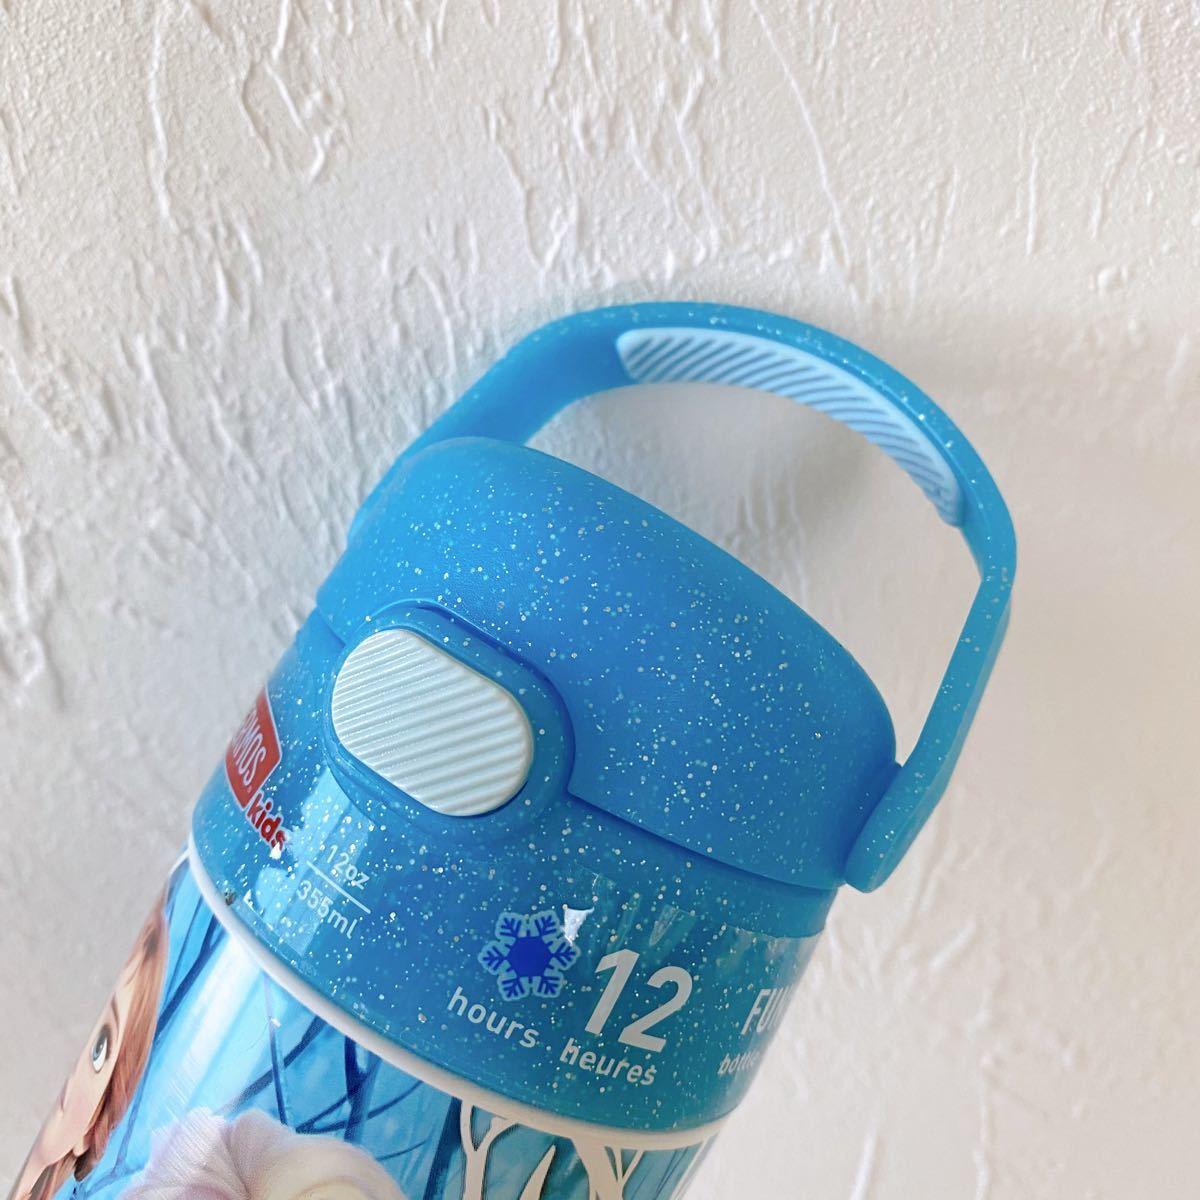 アナ雪 水筒 サーモス 真空断熱 ストロー ストローマグ 真空 ディズニー 水色 タンブラー